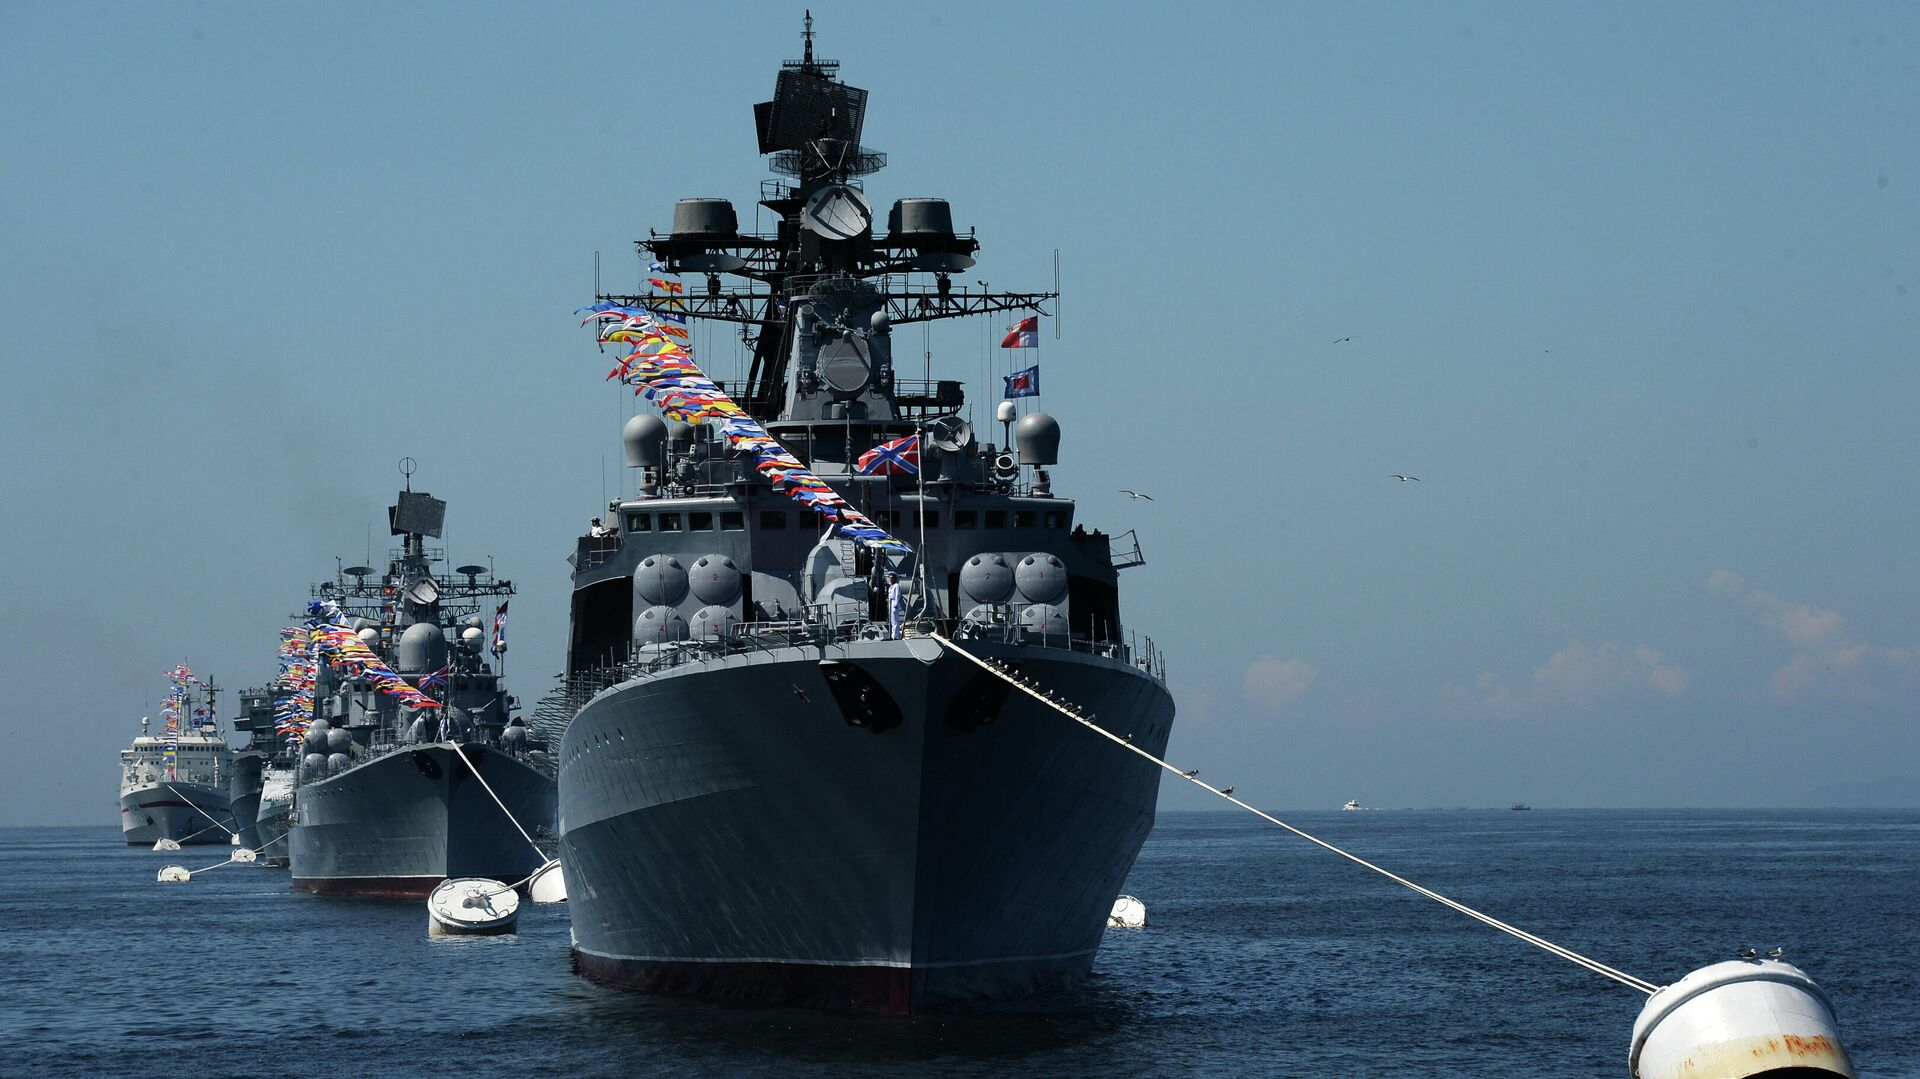 Генеральная репетиция военно-морского парада ко дню ВМФ во Владивостоке - РИА Новости, 1920, 21.05.2021